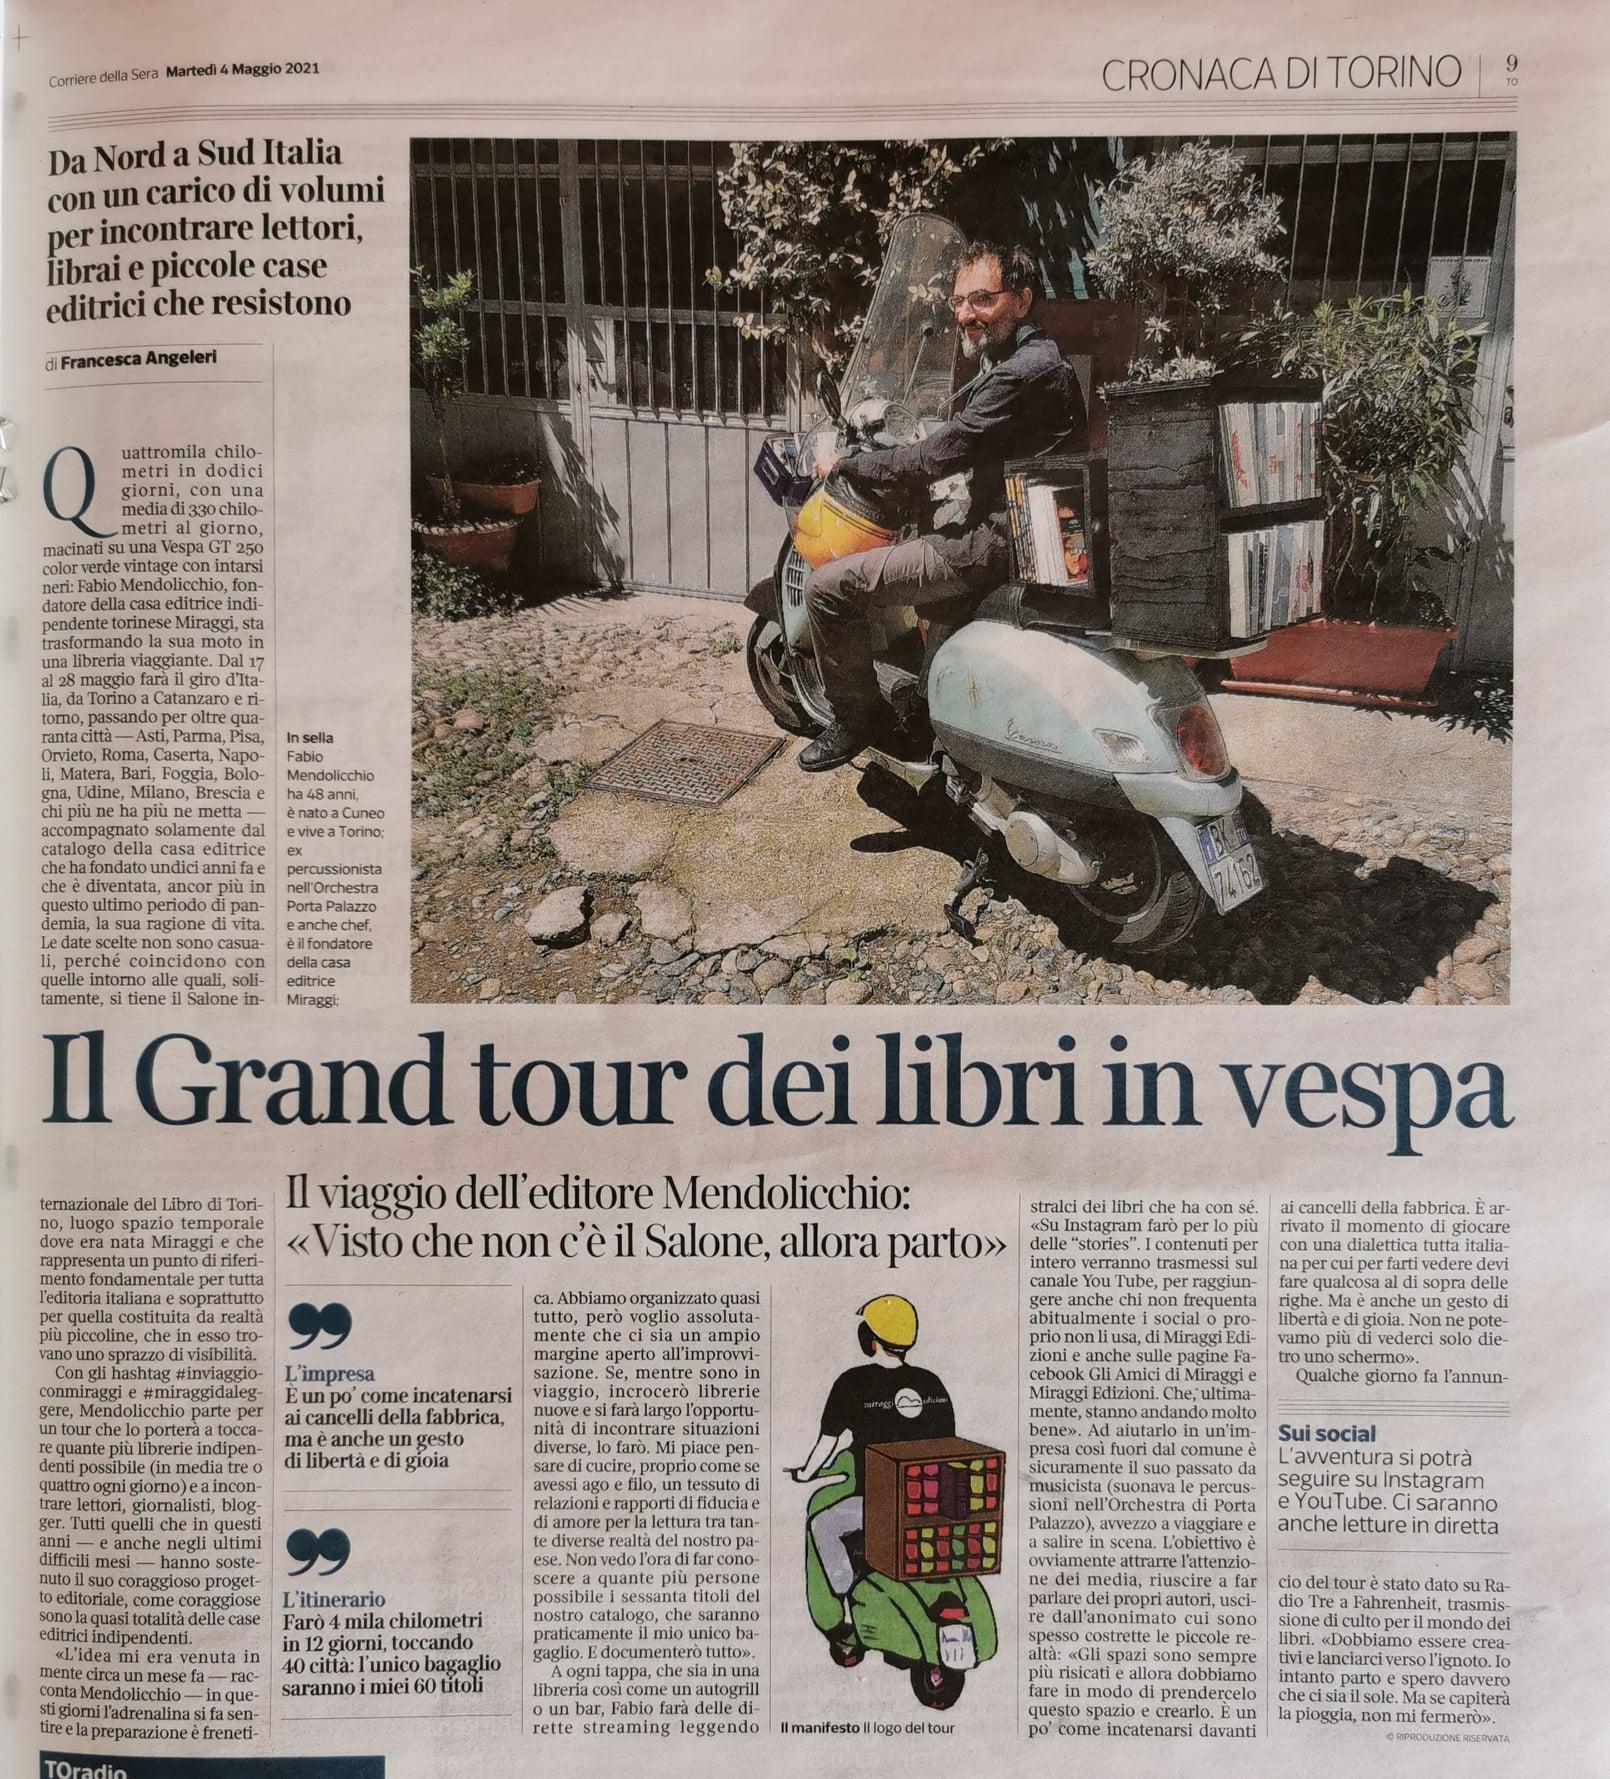 Il grand tour in vespa con Miraggi edizioni